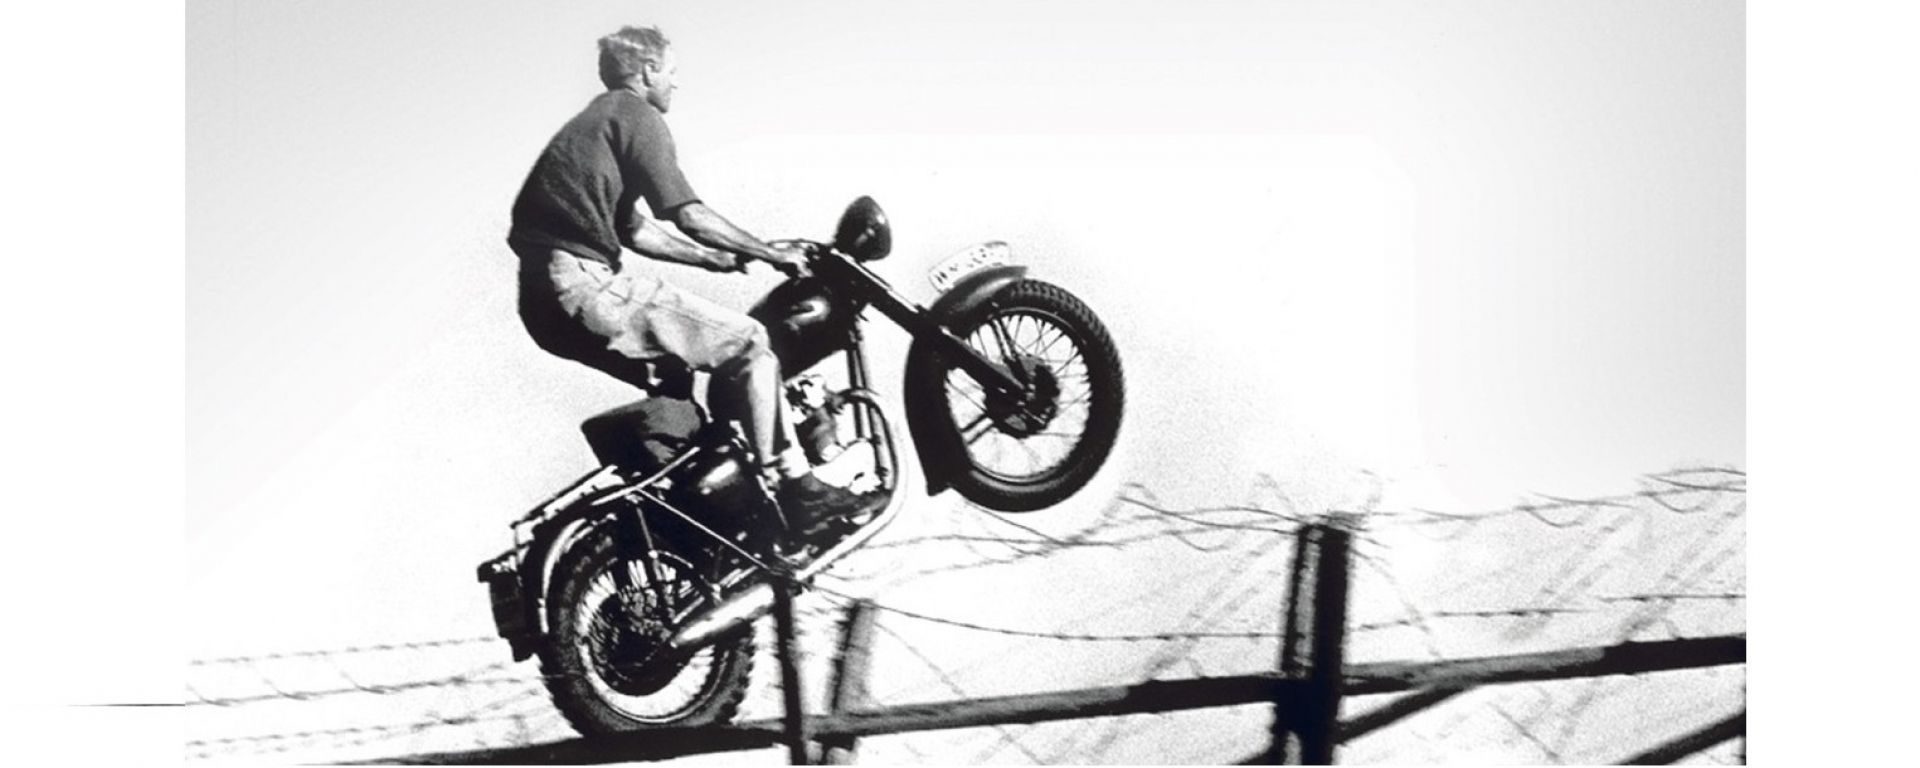 Fuga in moto a Pasqua... emuli di McQueen?